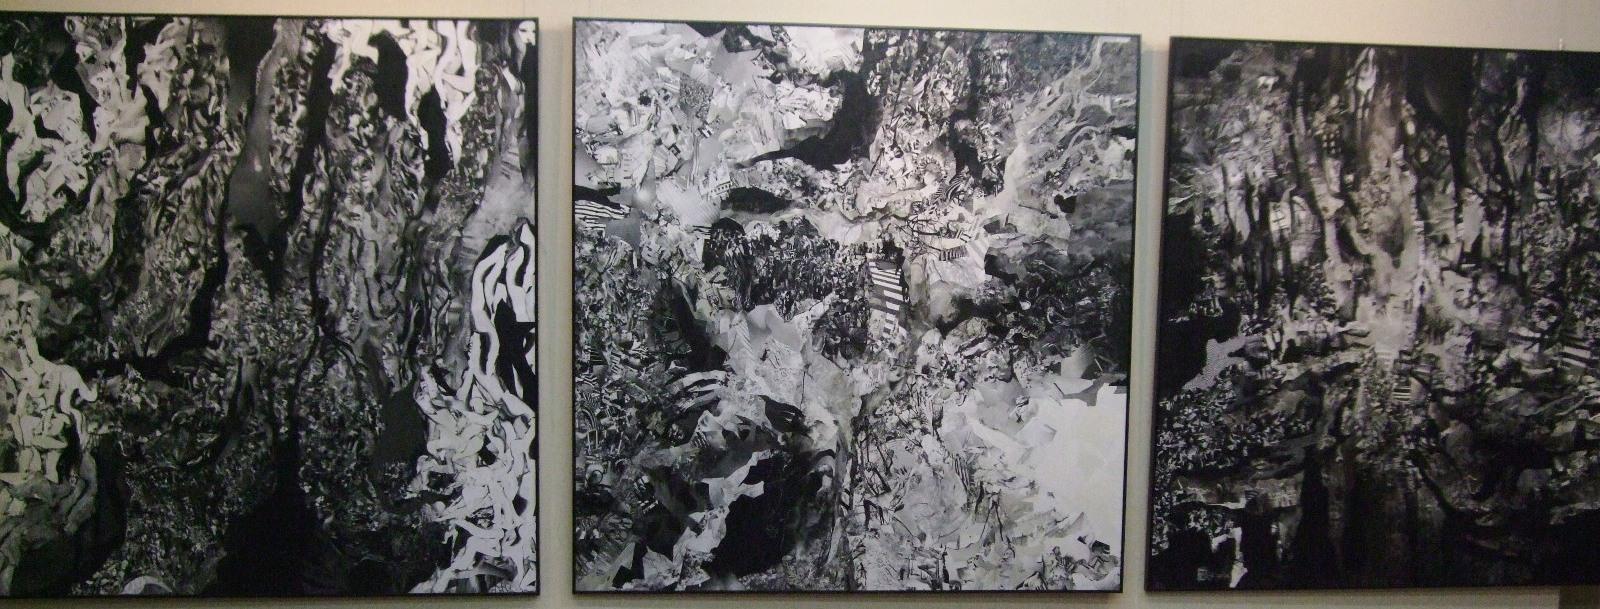 1266) 時計台 「遠藤厚子・永井唱子 二人展」 4月12日(月)~4月17日(土)   _f0126829_20322941.jpg